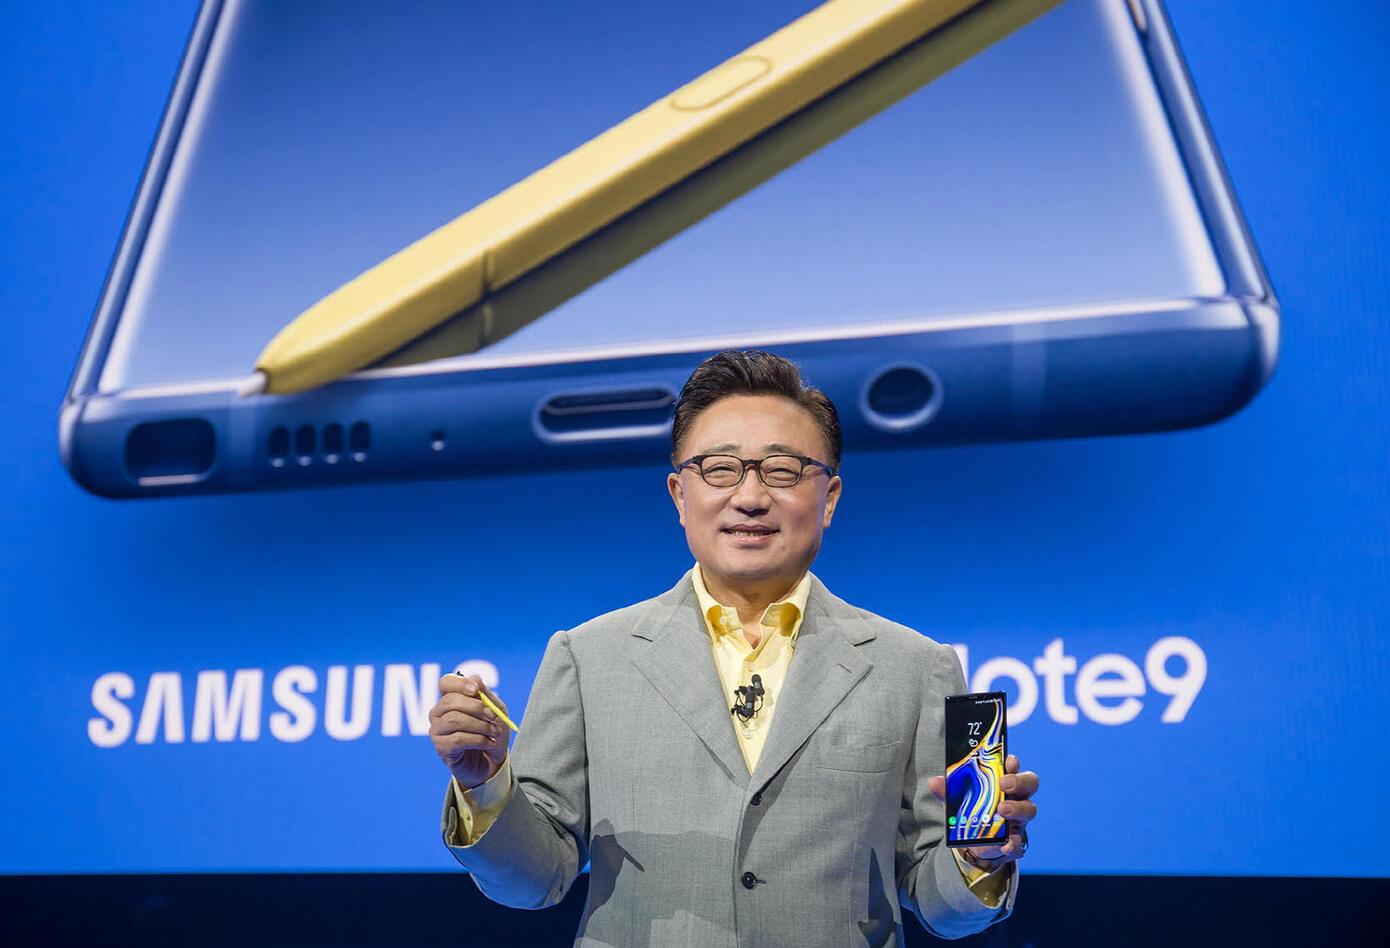 Presentación del Galaxy Note 9